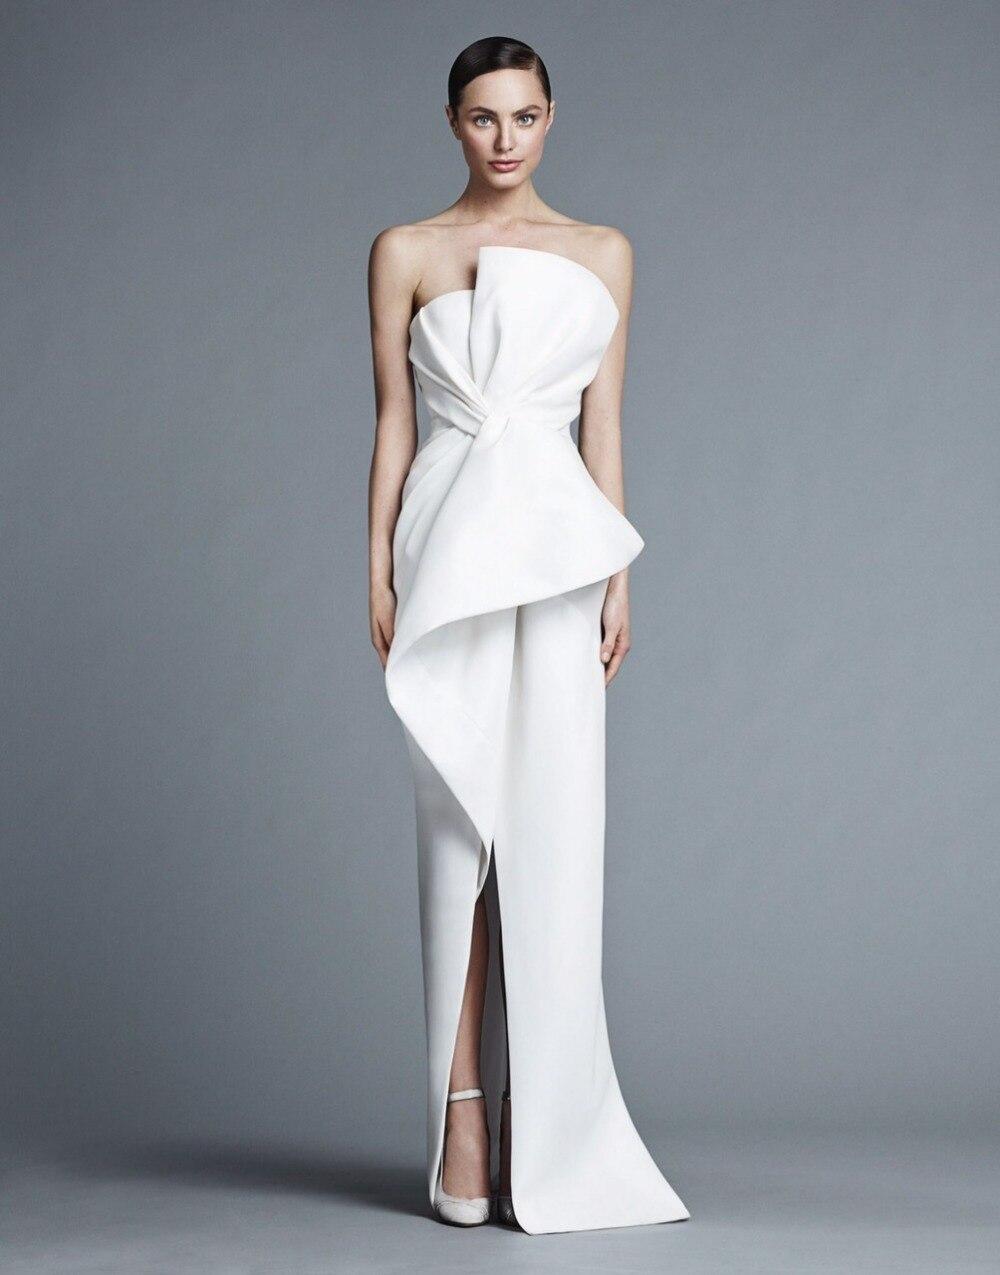 Women Sexy Strapless Dresses White Elegant Split Long Dress Prom ...